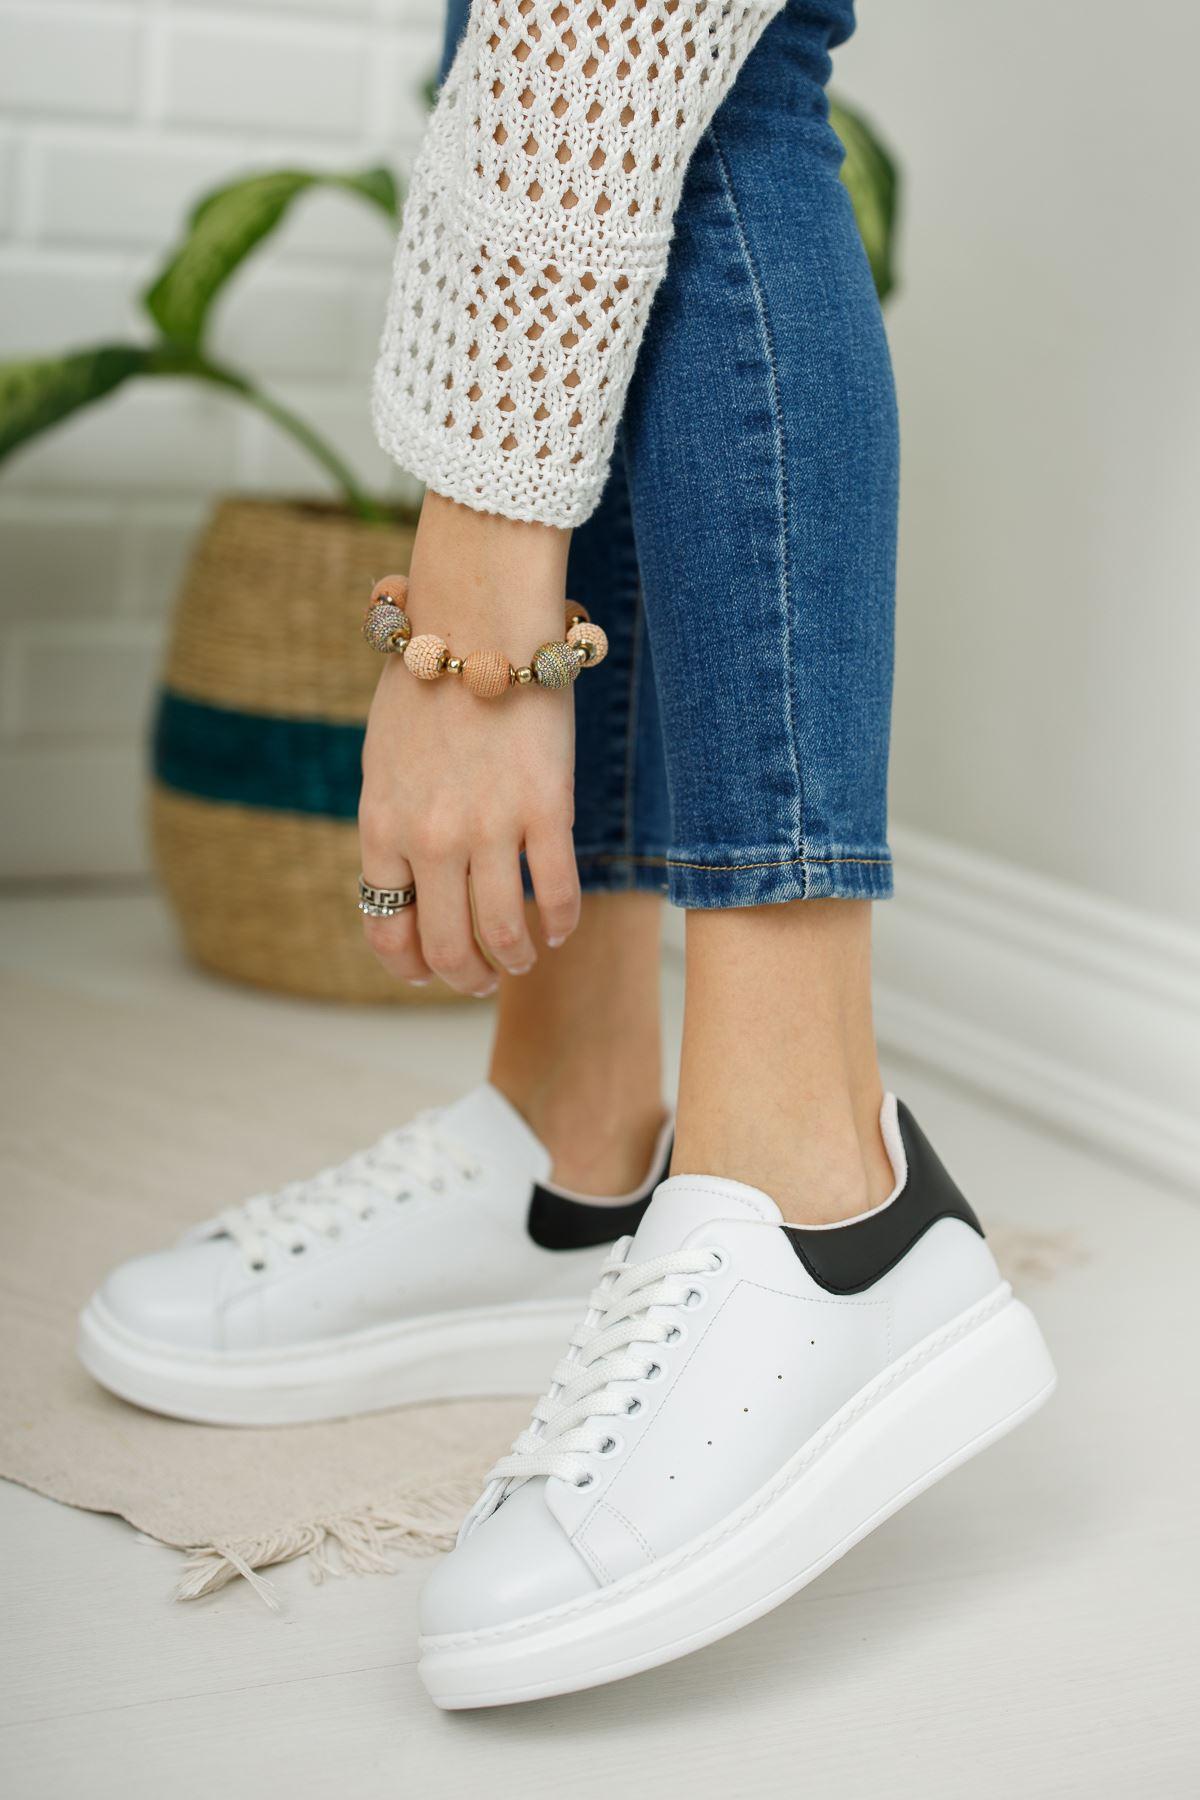 Kadın Alinda Mat Deri Beyaz Siyah Detay Spor Ayakkabı